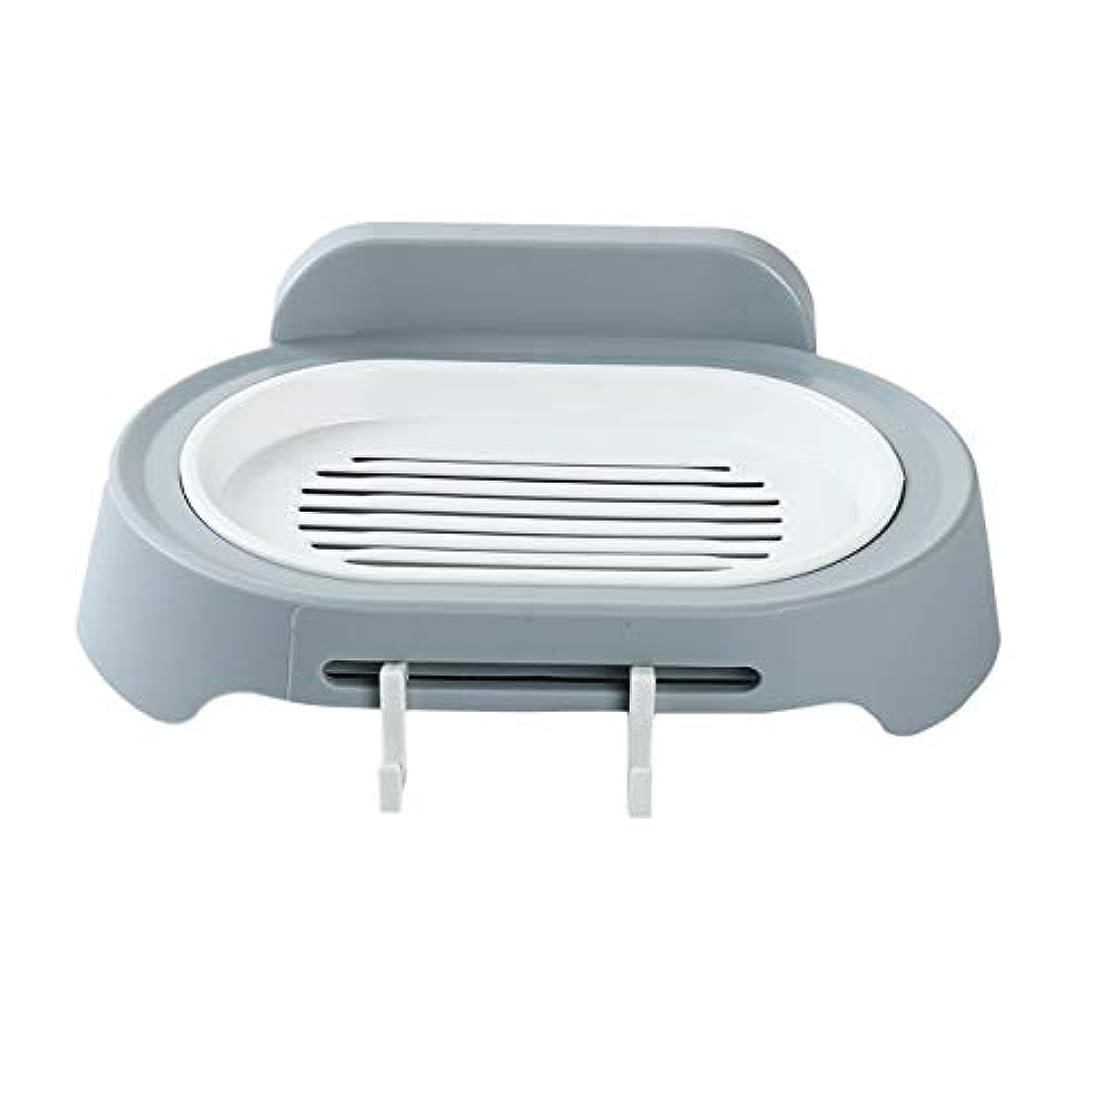 抑制平日愚かZALING 灰色のホックが付いているの浴室の石鹸の貯蔵の吸引の壁に取り付けられた石鹸のオルガナイザー